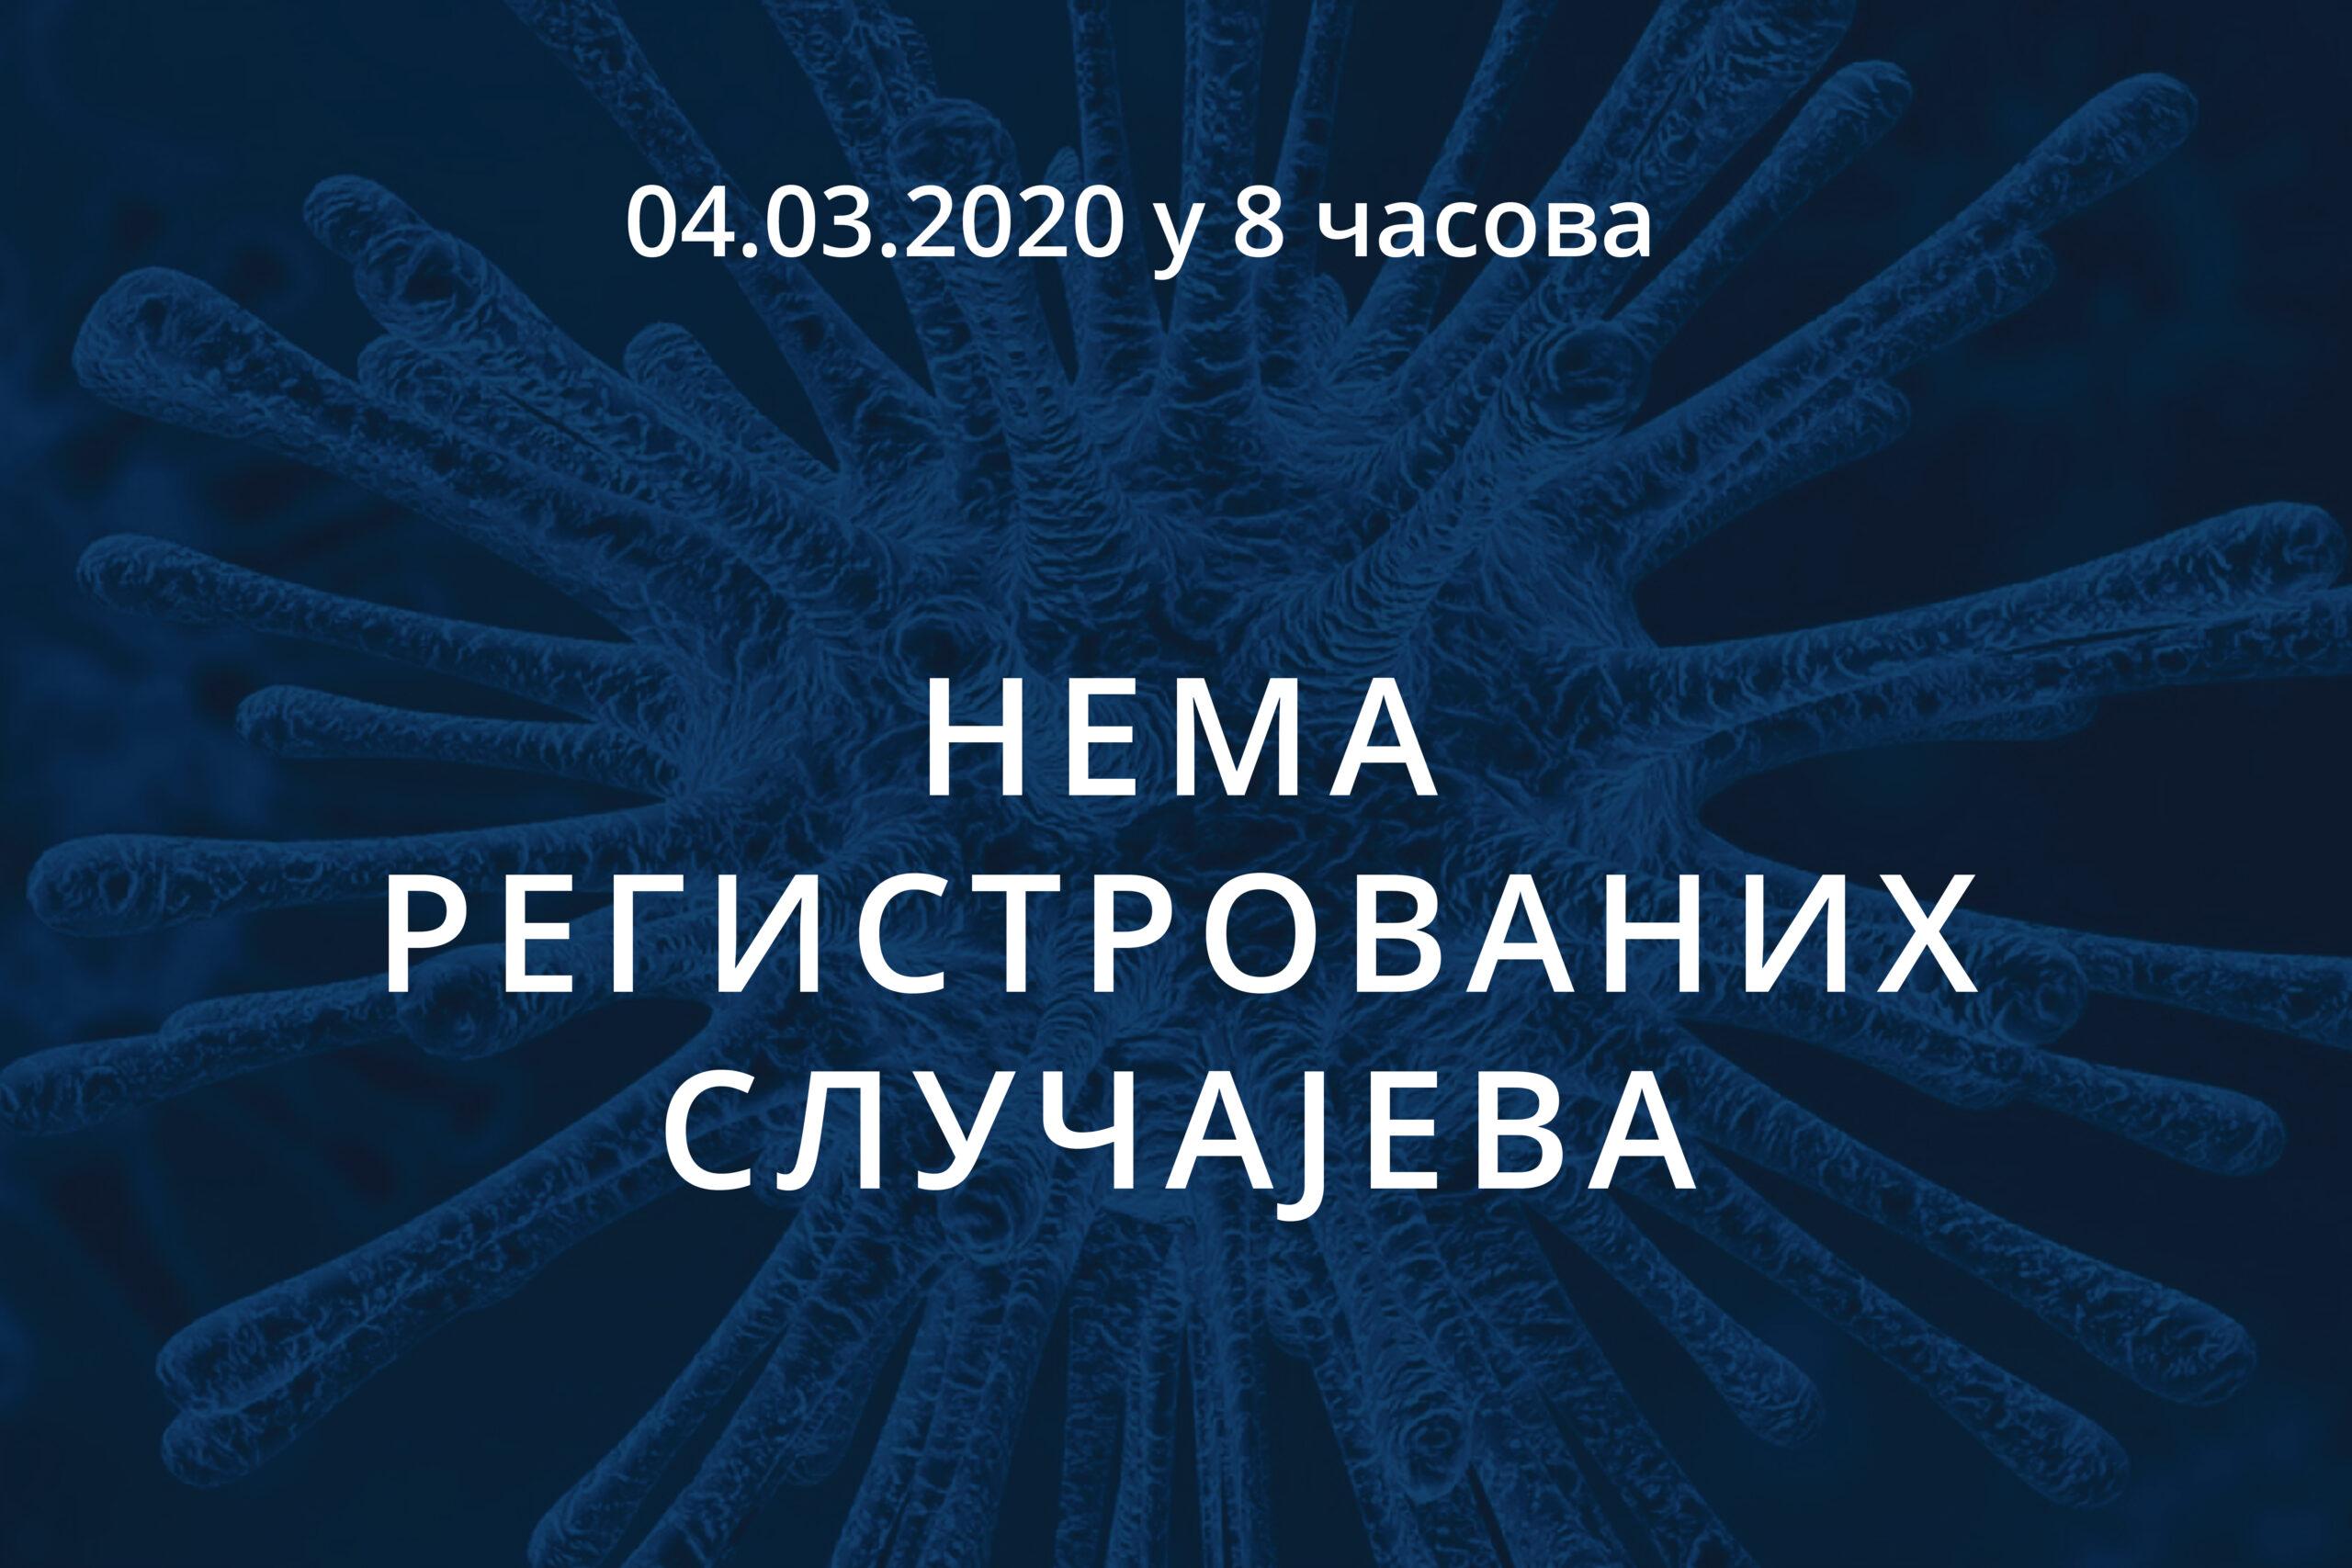 You are currently viewing Информације о корона вирусу COVID-19, 04.03.2020 у 8 часова